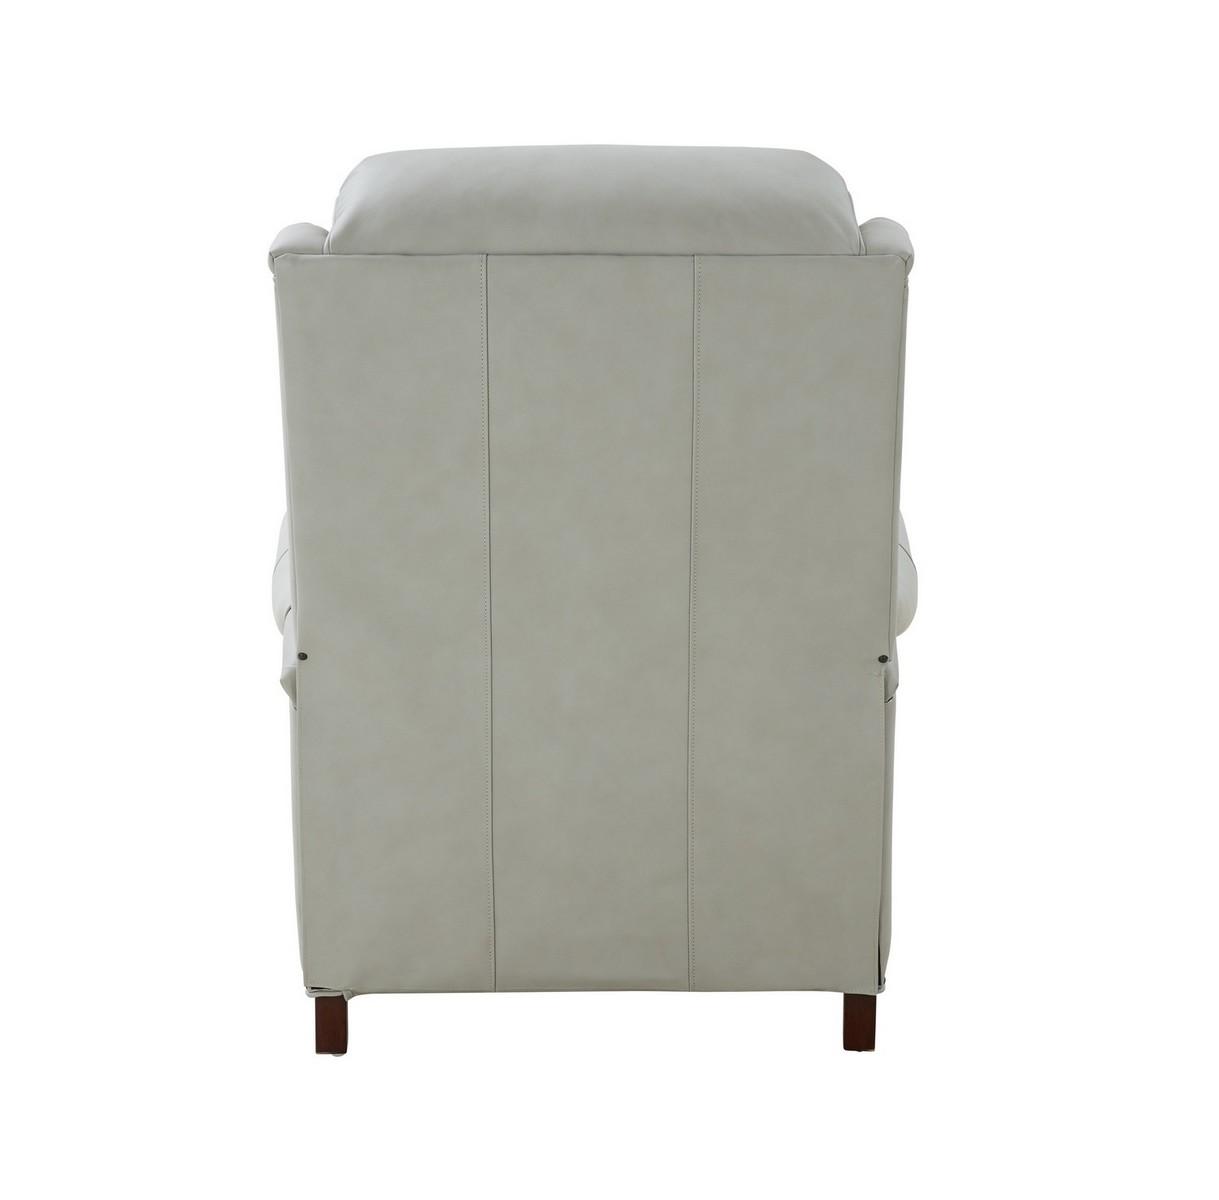 Barcalounger Meade Recliner Chair - Corbett Chromium/All Leather